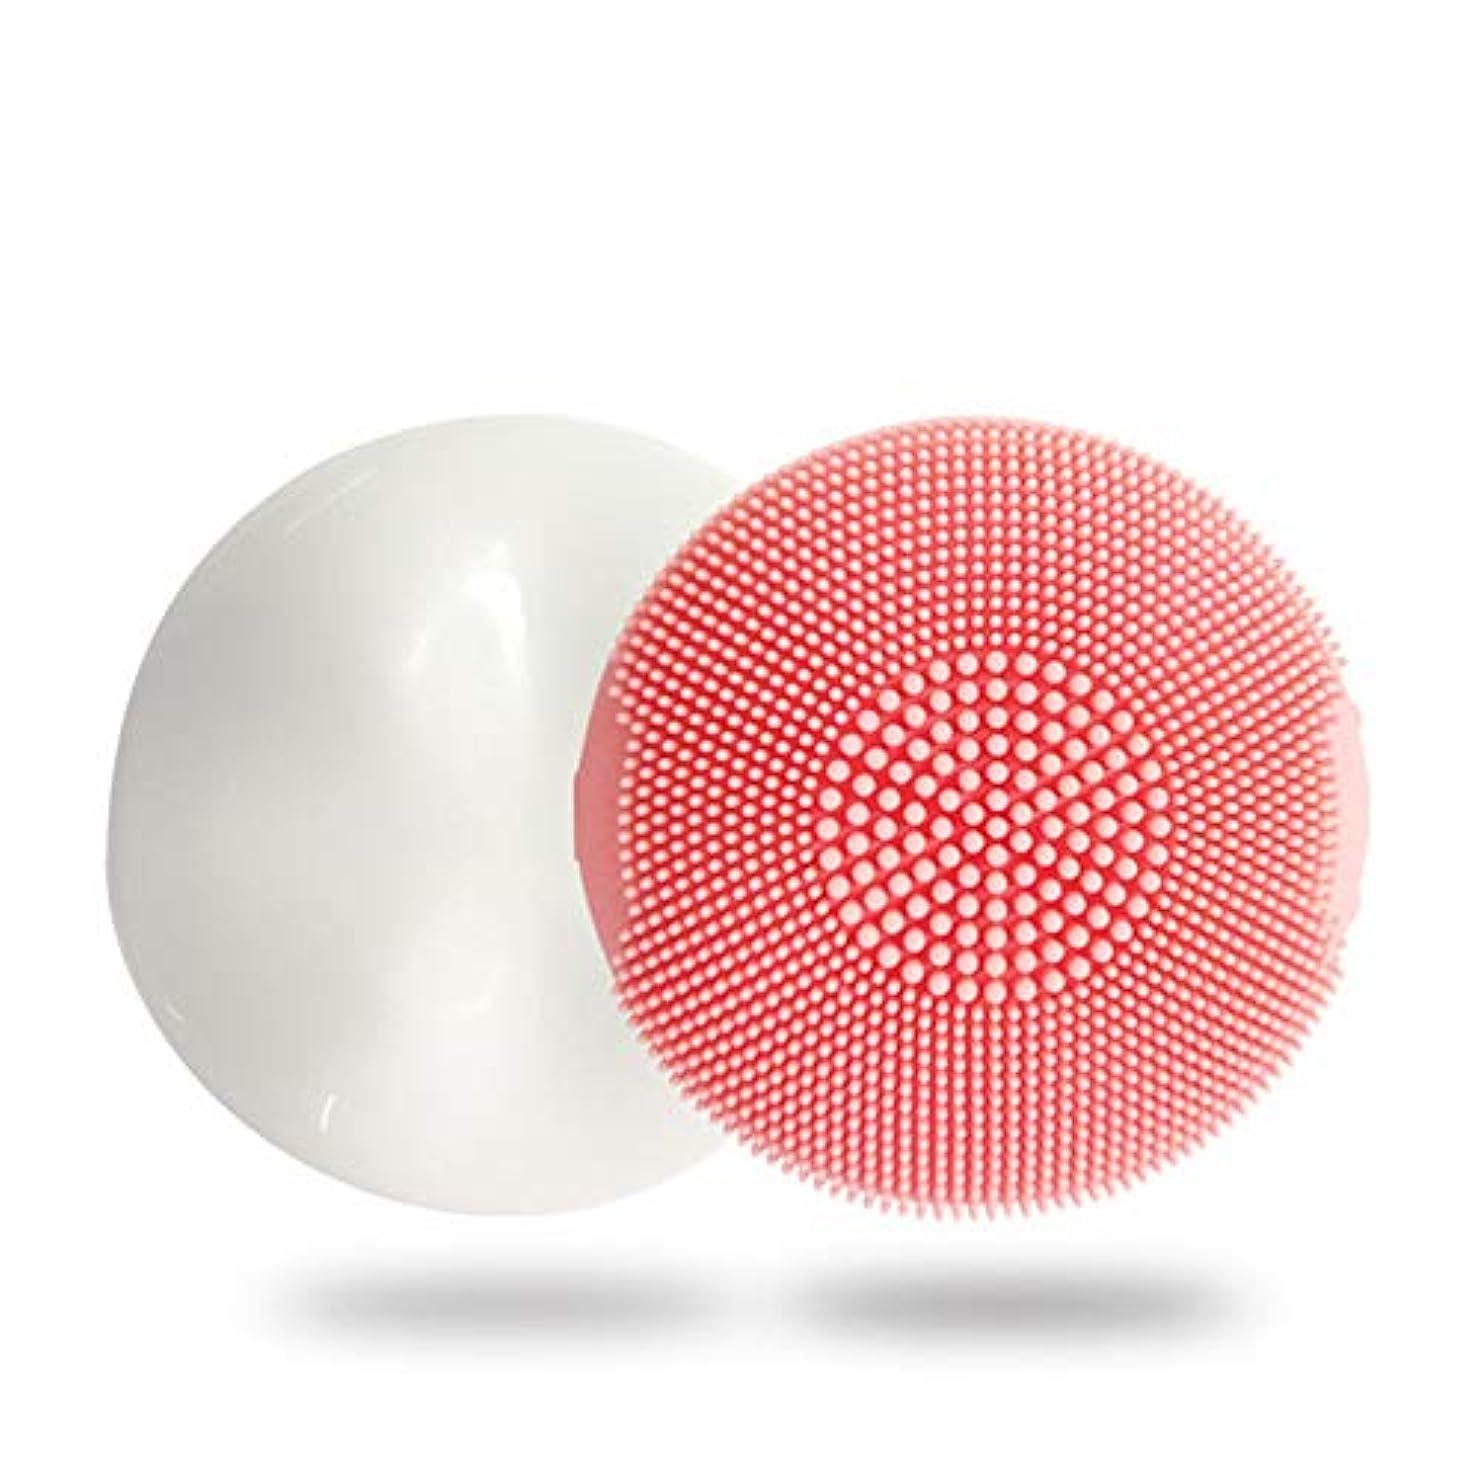 受けるシステム歪めるZXF 新電動シリコーンクレンジングブラシディープクリーニングポア防水超音波振動クレンジング楽器マッサージ器具美容器具 滑らかである (色 : Pink)